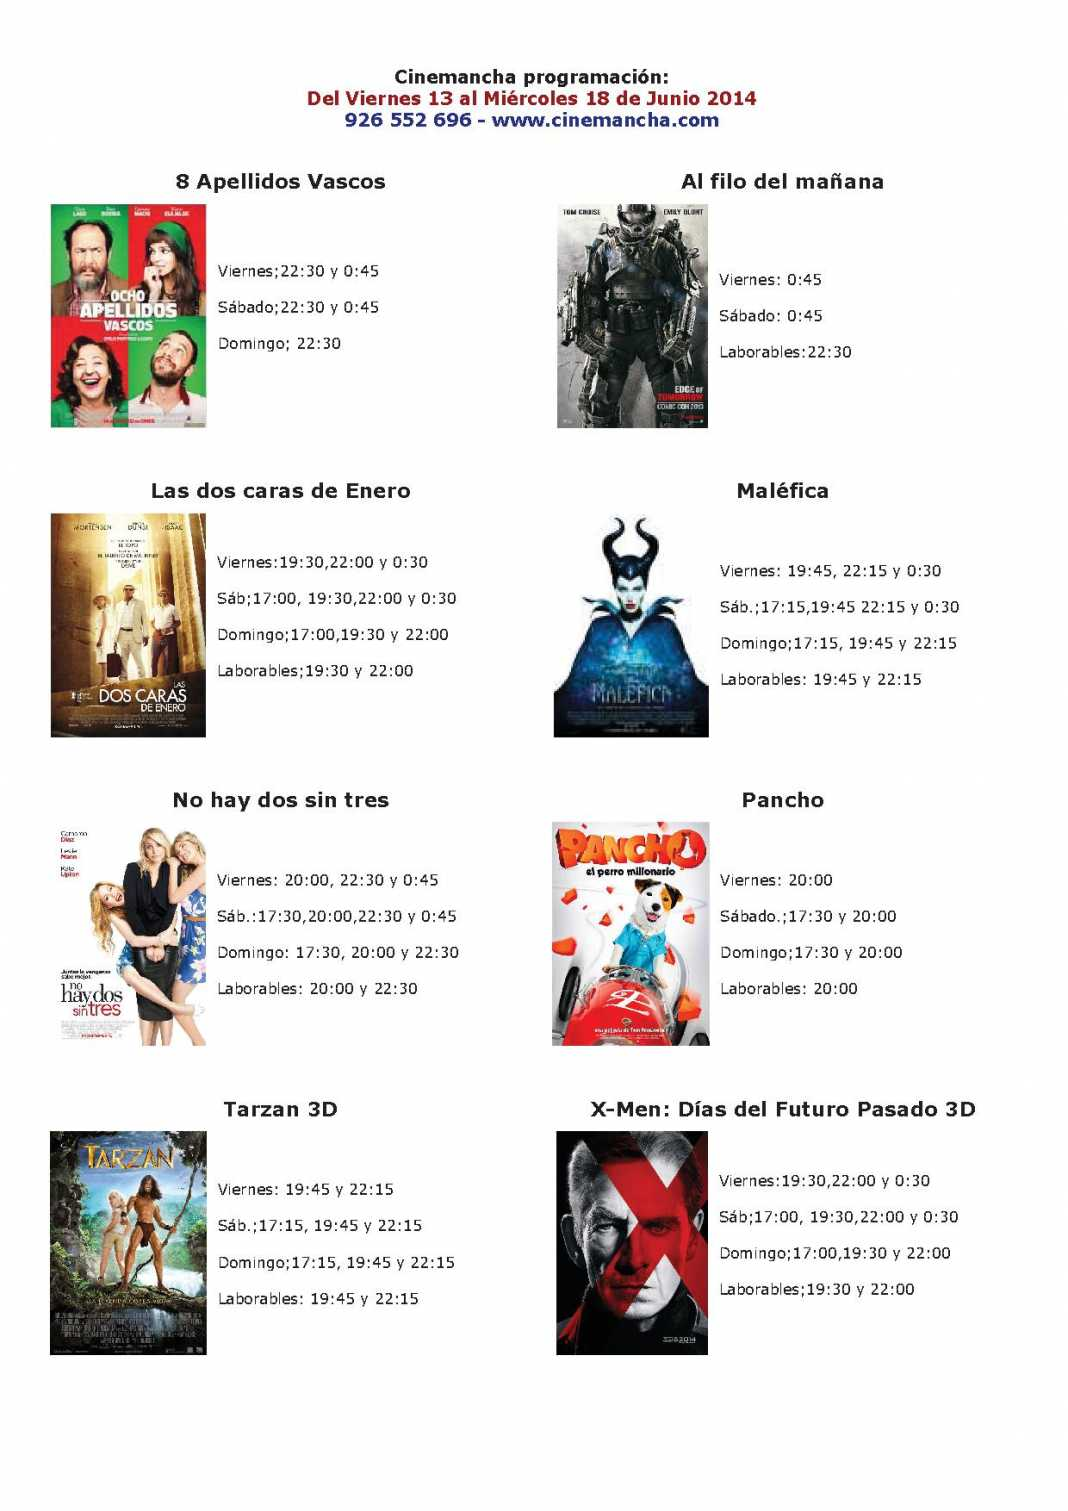 cartelera de cinemancha del viernes 13 al miercoles 18 de junio 1068x1511 - Cinemancha programación: Del Viernes 13 al Miércoles 18 de Junio 2014